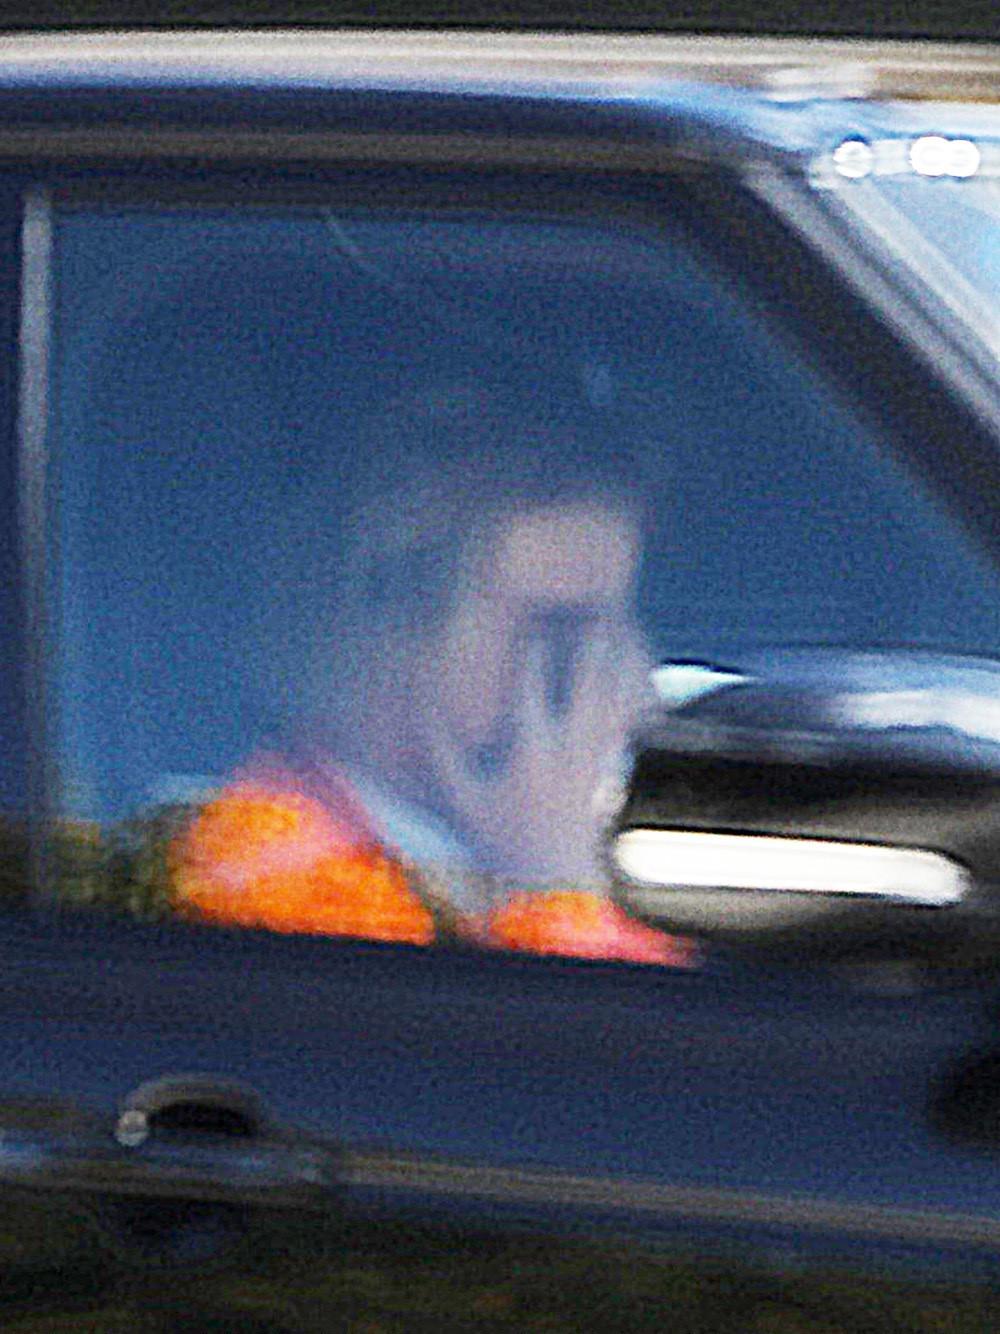 Justin Bieber bật khóc cạnh Hailey Baldwin vì tin Selena Gomez nhập viện điều trị tâm thần? - Ảnh 2.